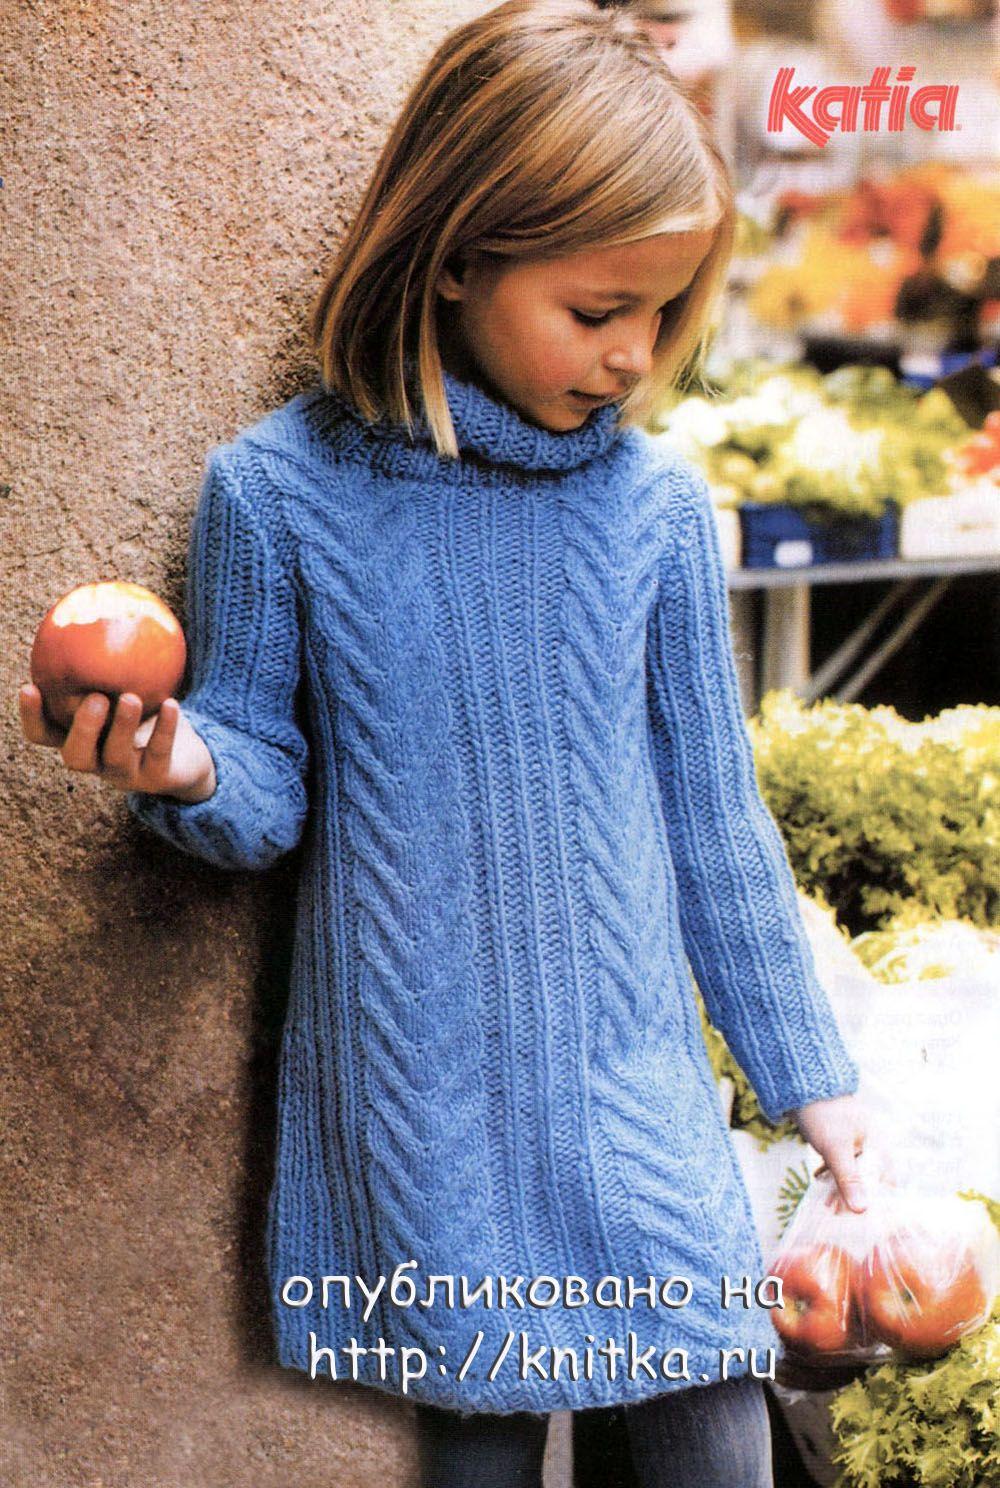 Вязание спицами детских вещей домоседка